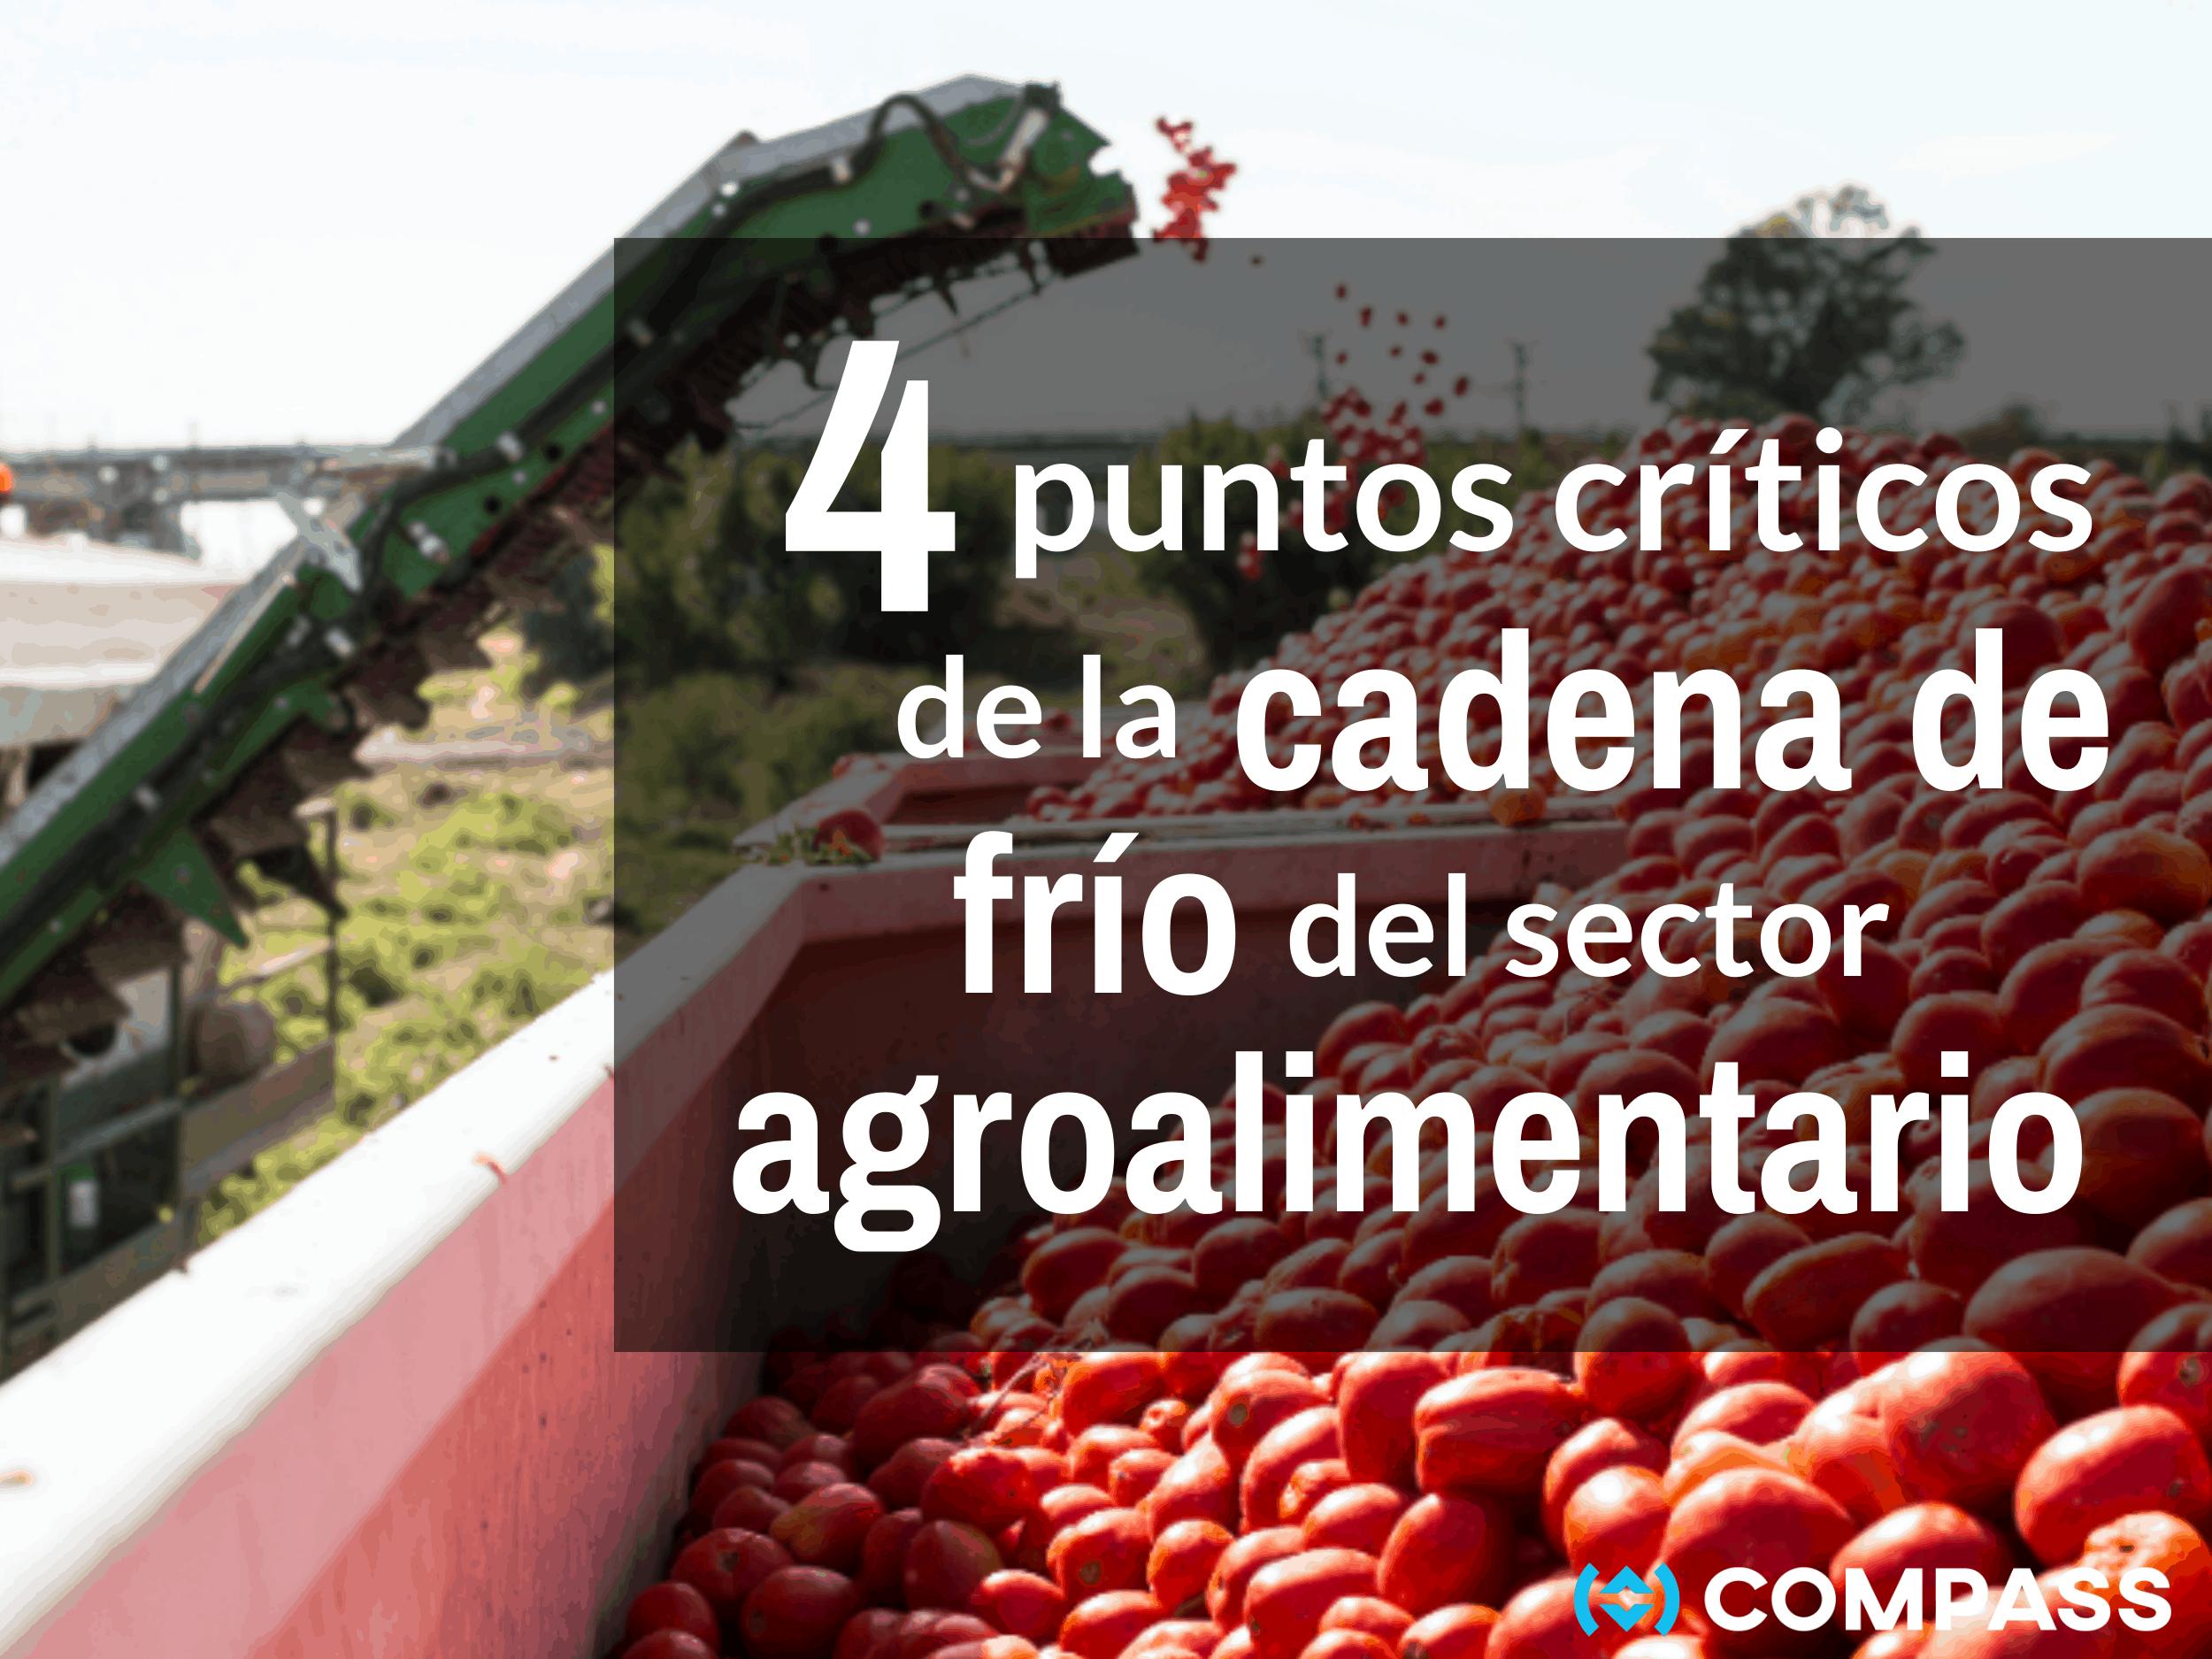 4 puntos críticos de la cadena de frío en el sector agroalimentario